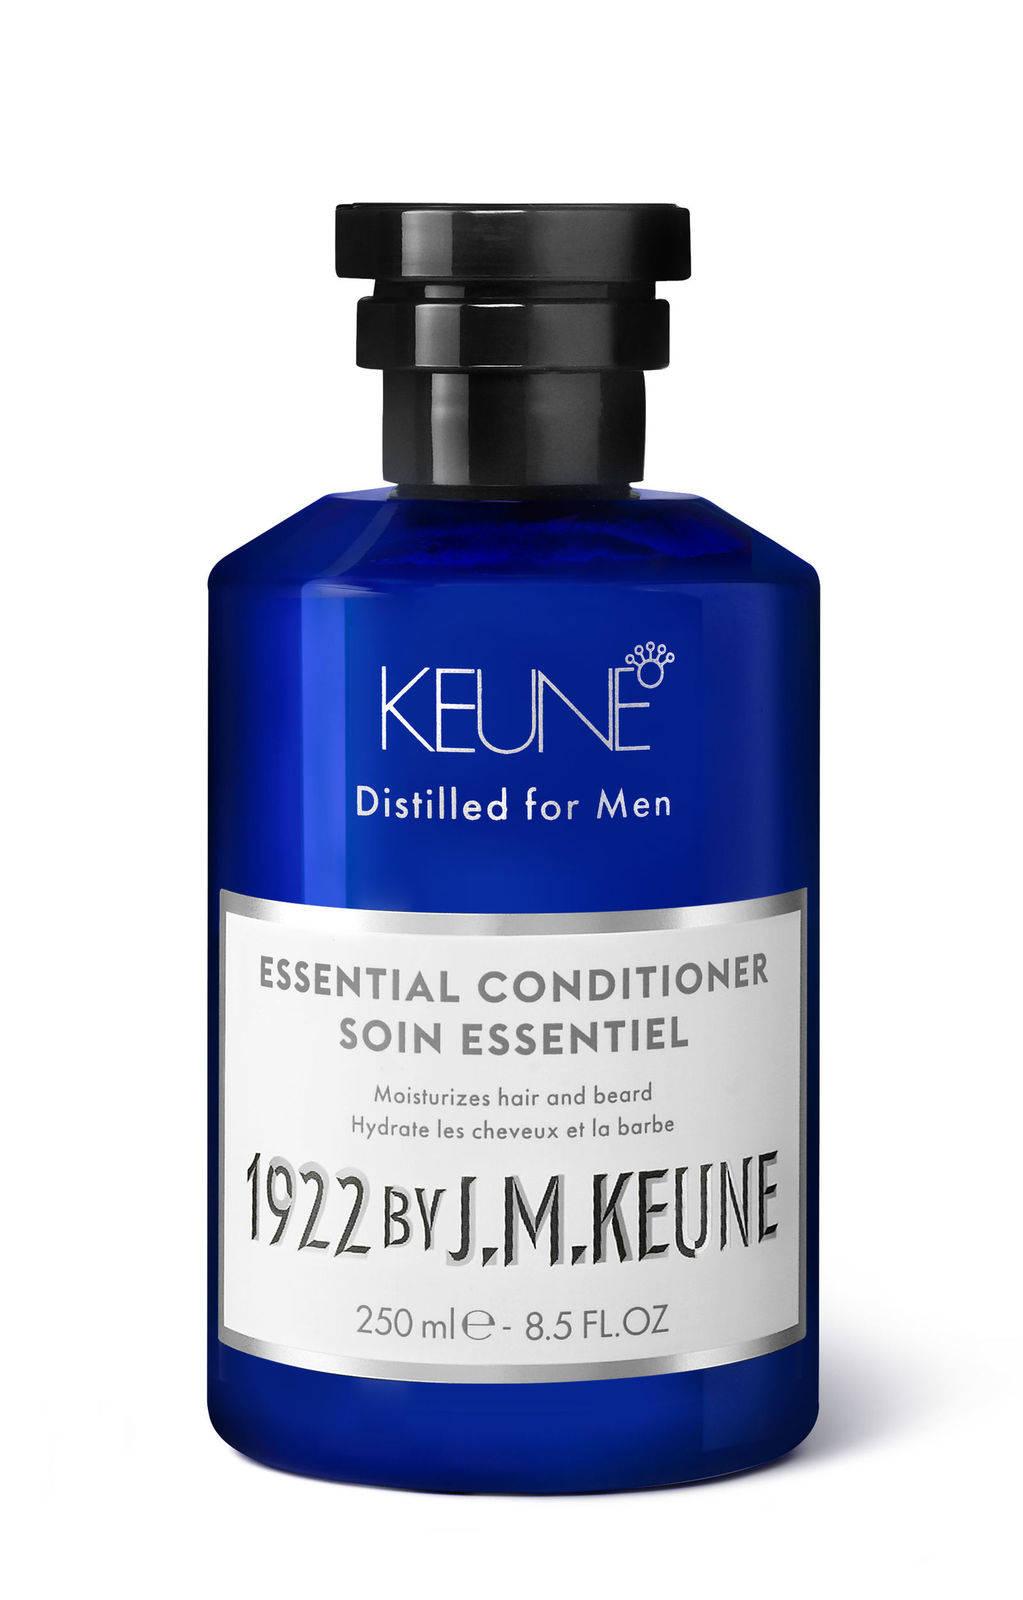 SOIN ESSENTIEL 250 ml - 1922 BY J.M. KEUNE